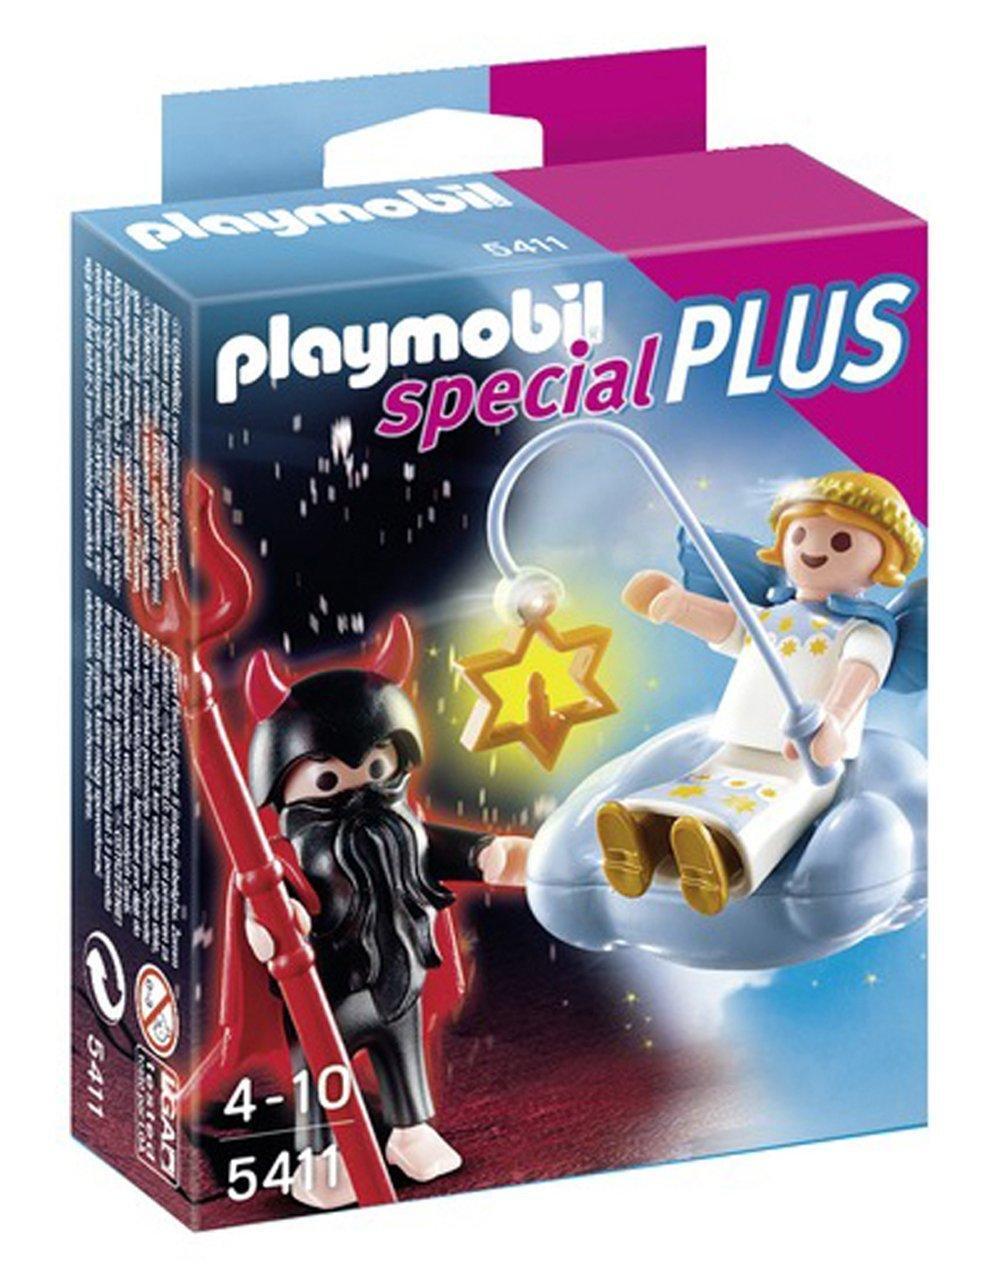 [Panier Plus] Sélection de Playmobil en promotion - Ex : Figurines Angelot et Diablotin (5411)